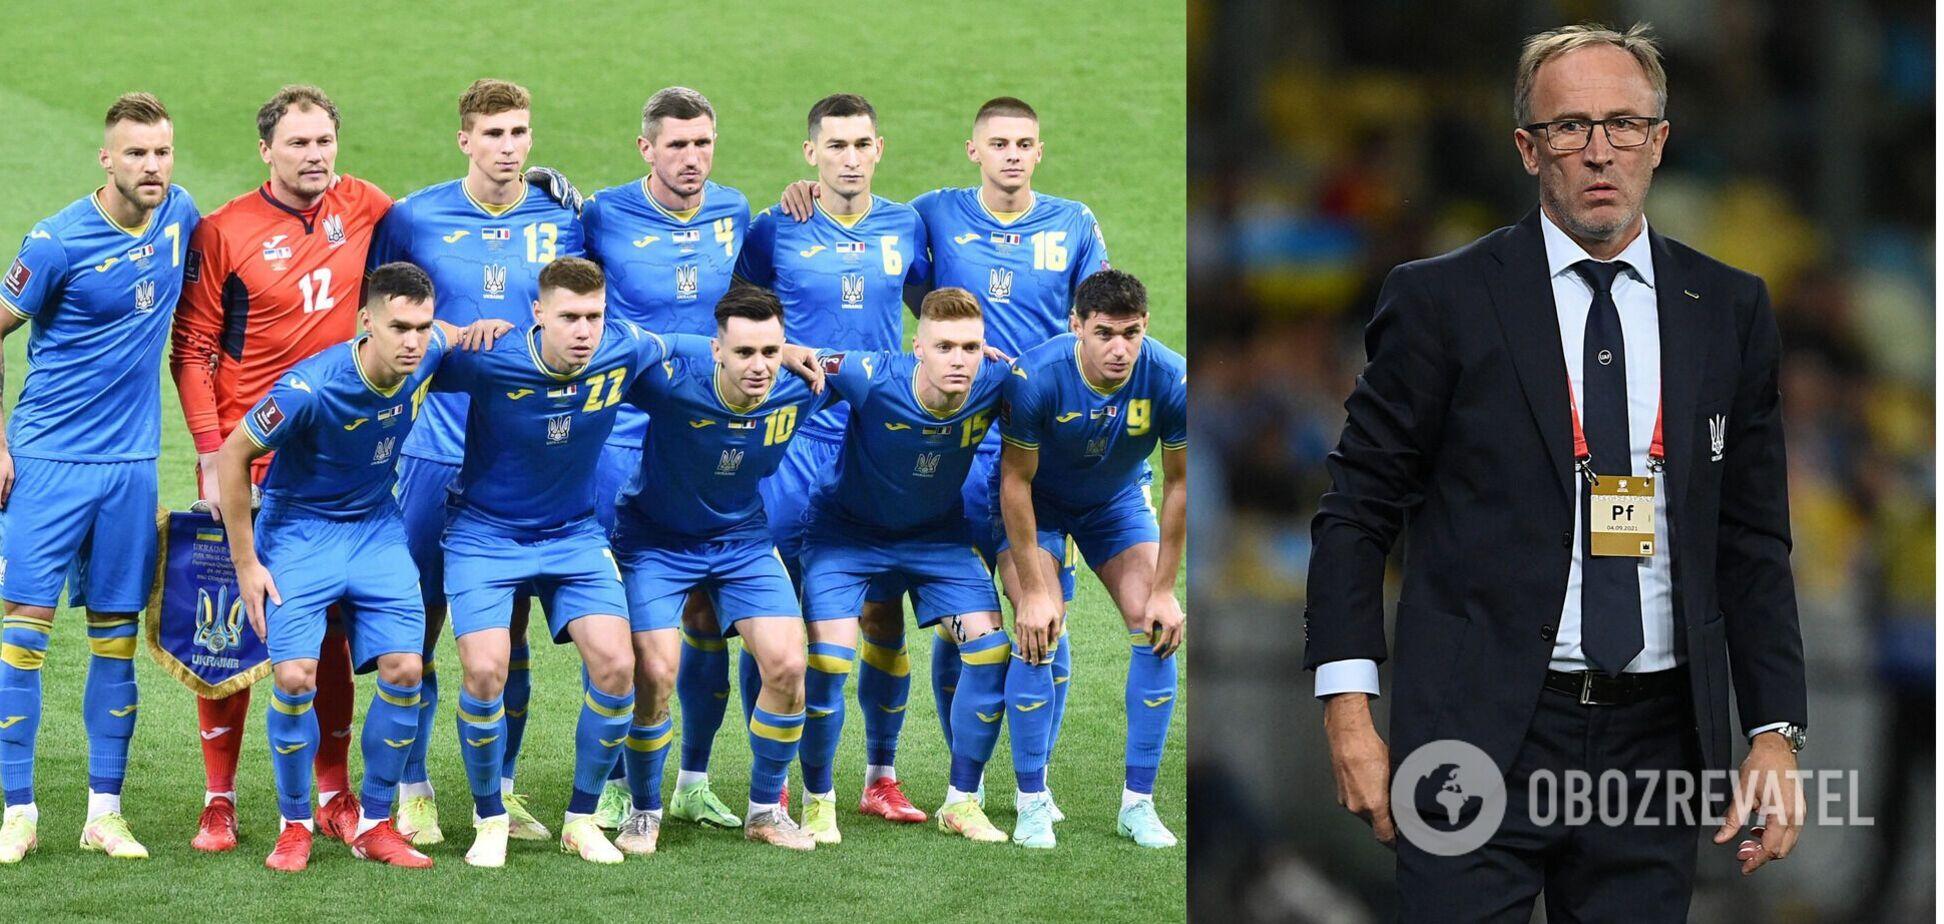 Петраков виключив гравця 'Динамо' зі складу збірної України на гру з Чехією